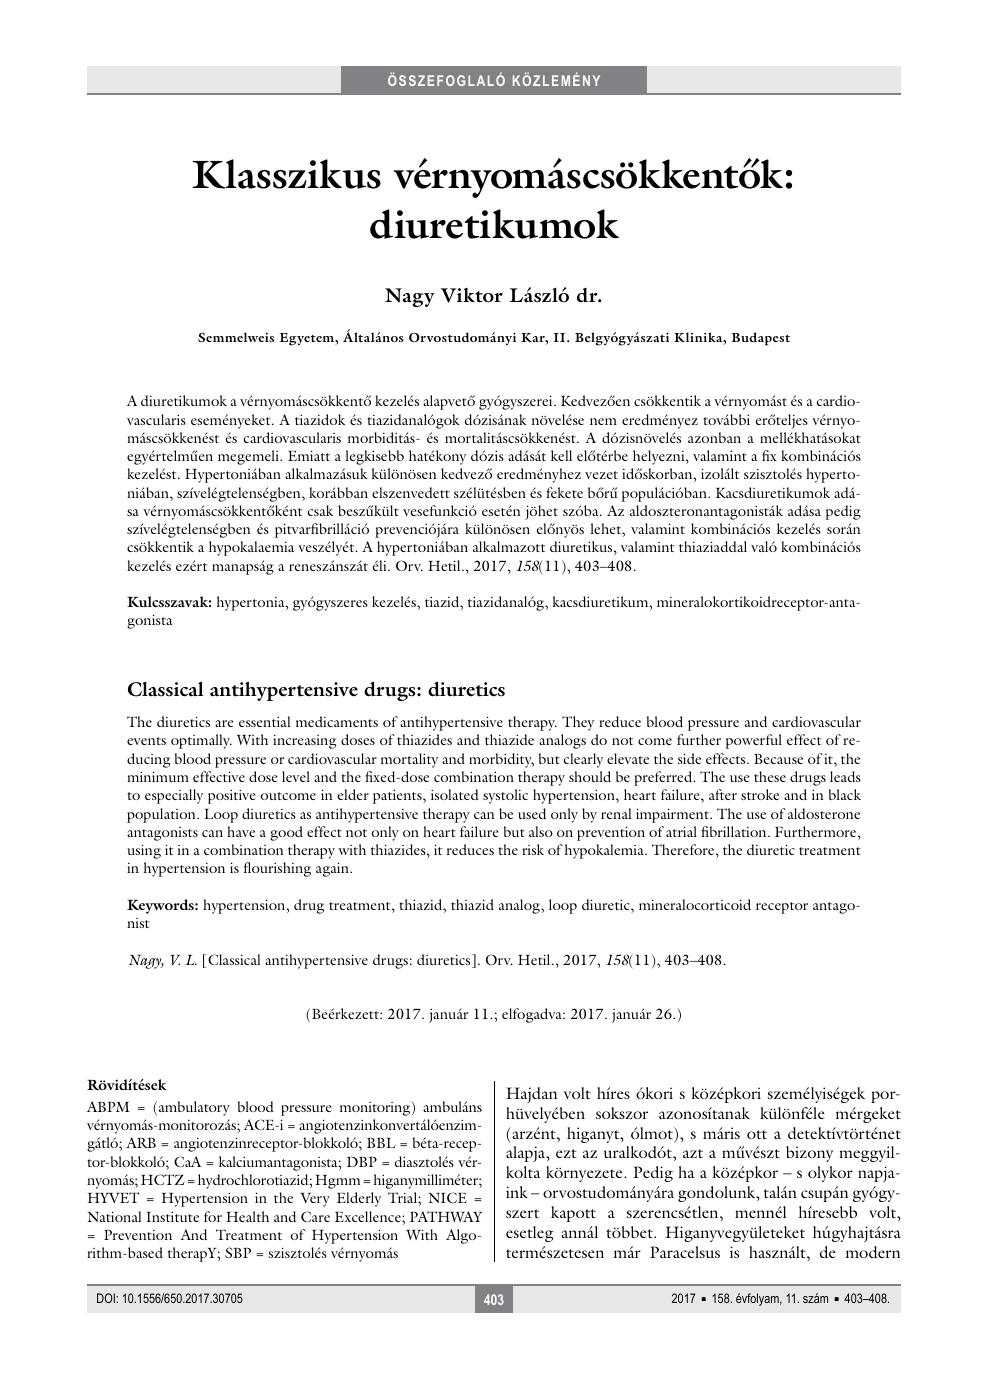 diuretikumok hatása magas vérnyomásban